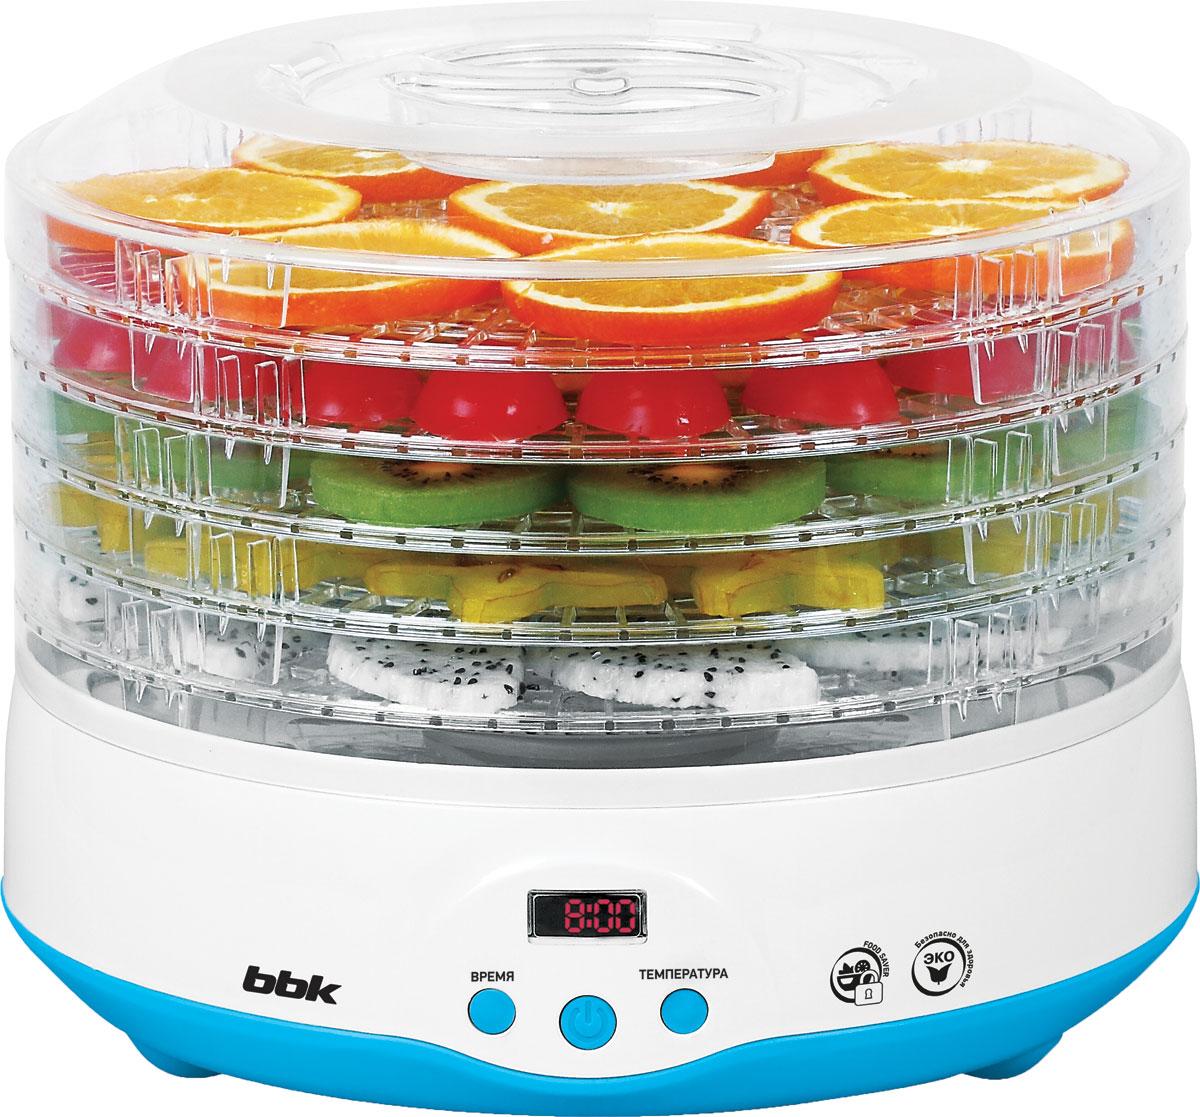 BBK BDH204D, White Blue сушка для овощейBDH204DУниверсальная сушка для овощей и фруктов BBK BDH204D станет отличным помощником на любой кухне. 5 емкостей для продуктов и встроенный фен обеспечивают хорошую вместимость и равномерное распределение воздушного потока, а прозрачный корпус из термостойкого пластика дает возможность контролировать процесс сушки. Для большего удобства использования модель оснащена дисплеем; настройка температуры и времени приготовления осуществляется с помощью клавиш на электронной панели управления.